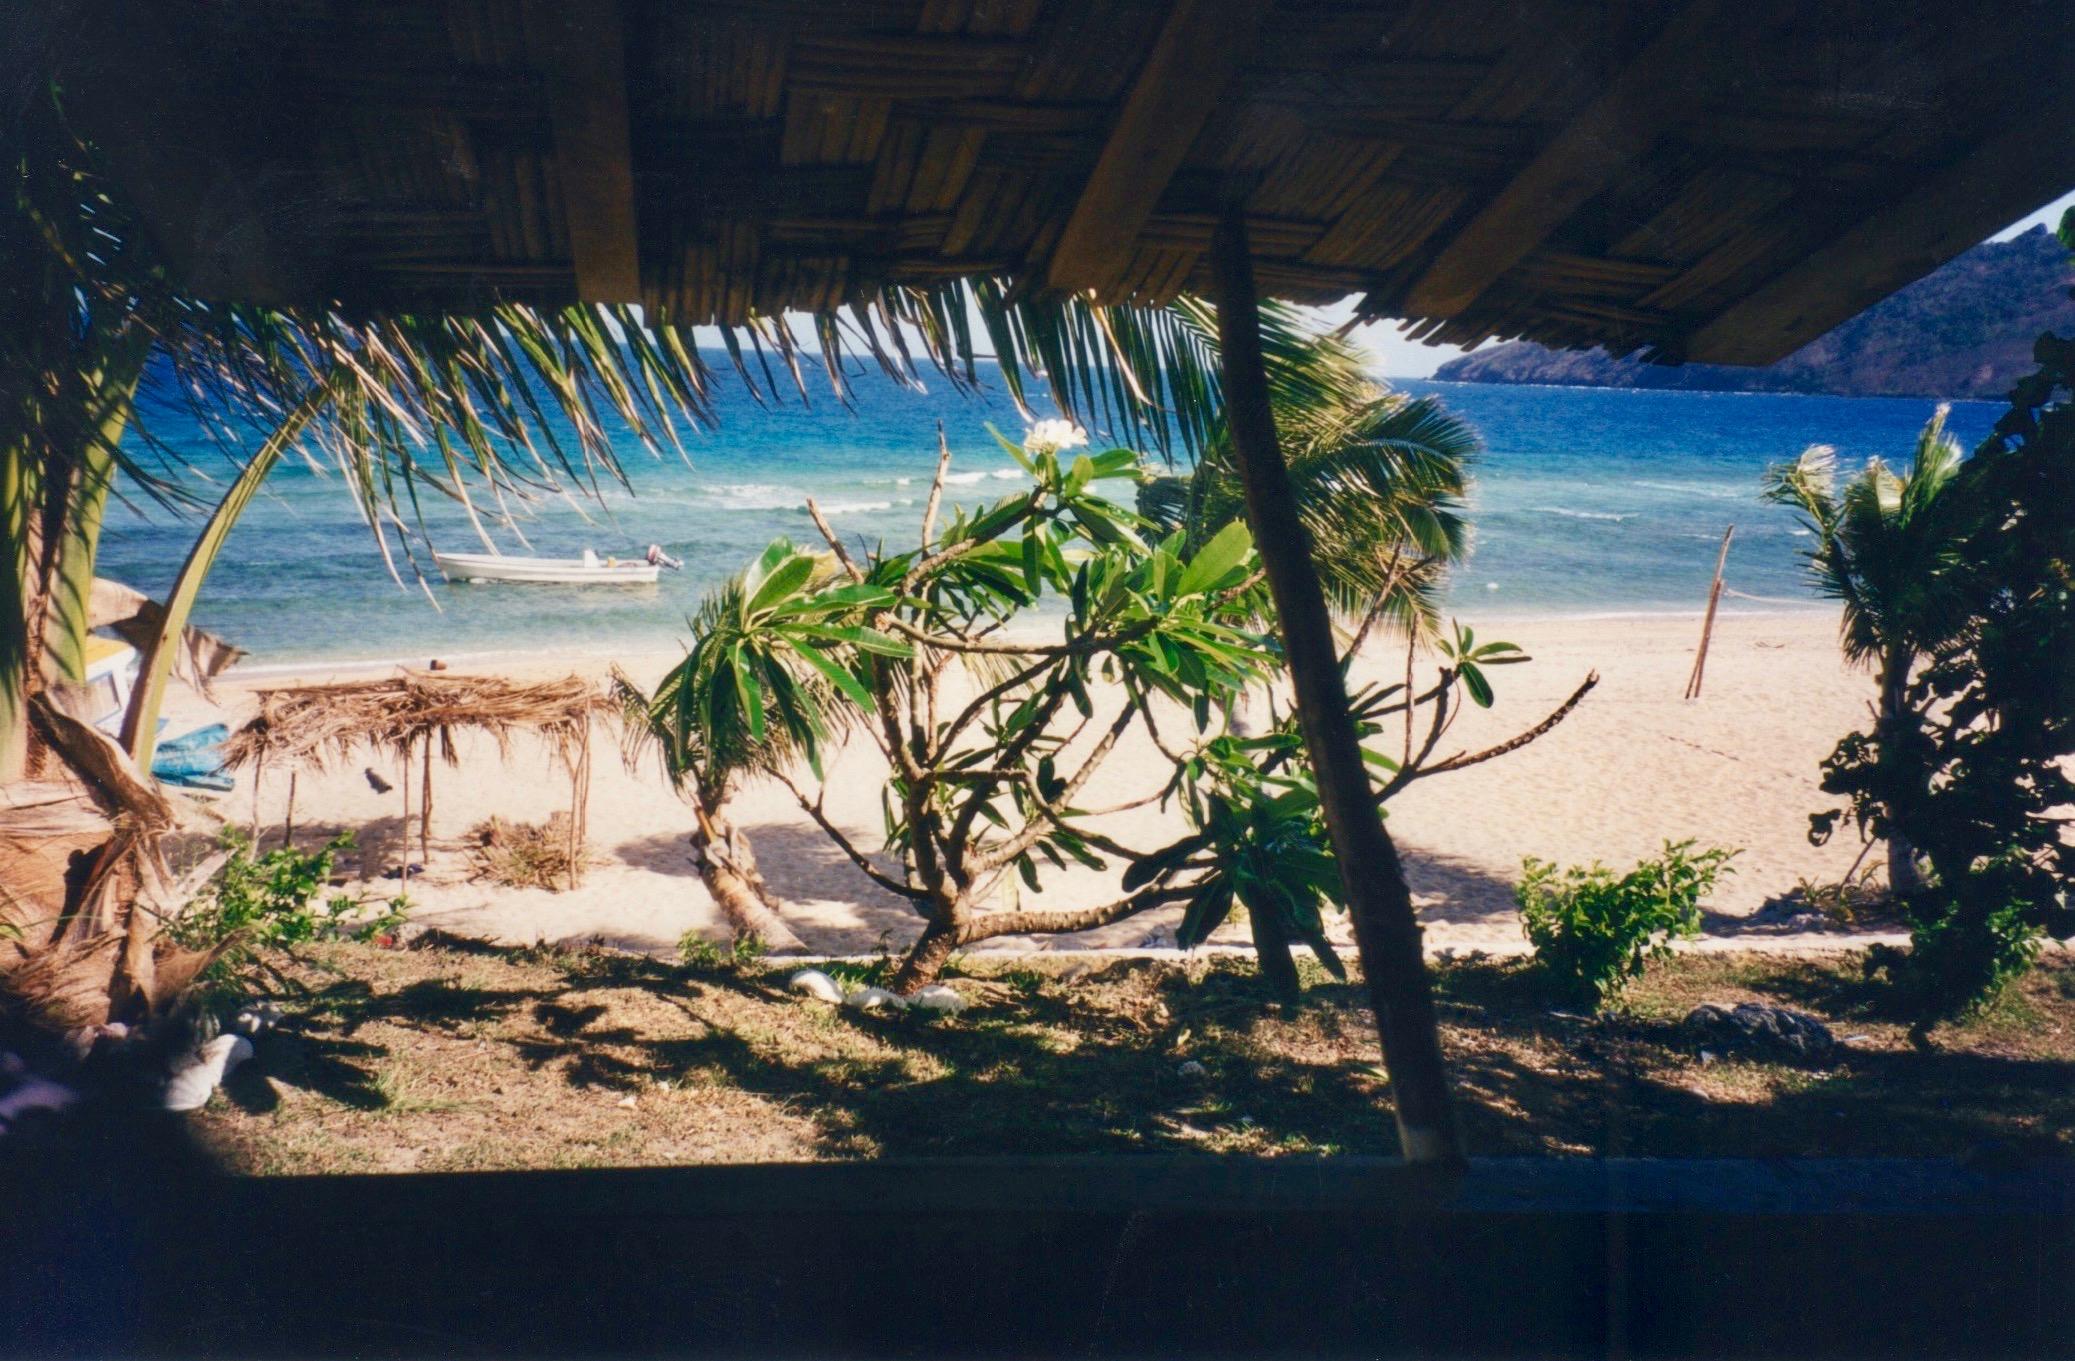 Waya Lailai Island Resort, Yasawa Islands, Fiji